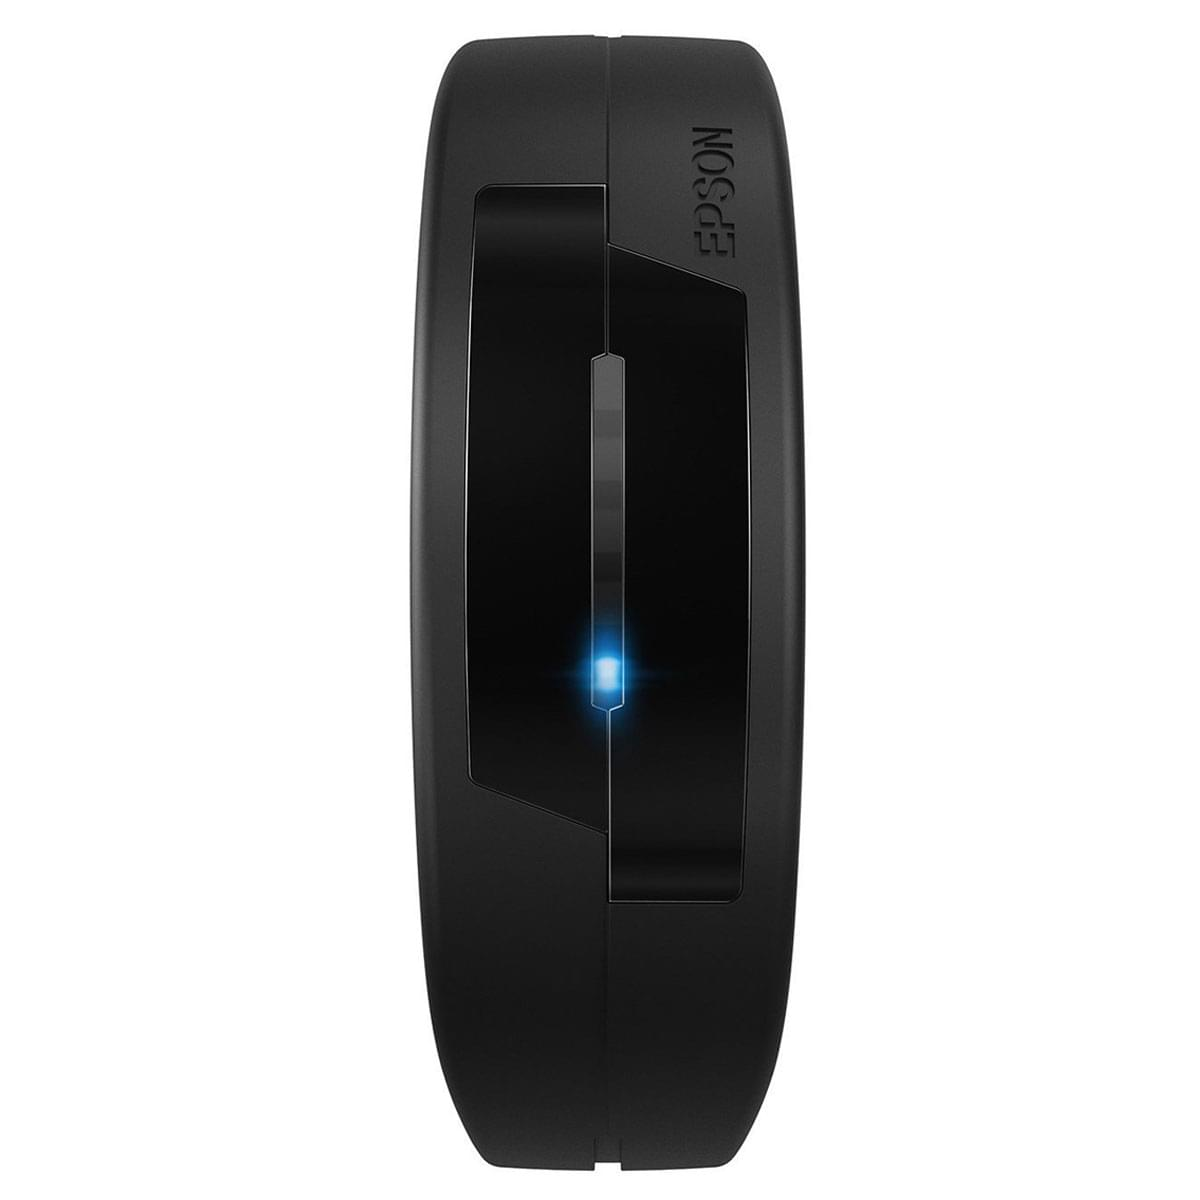 Epson Pulsense PS-100B Black M/L (Bracelet connecté) (E11E207A13) - Achat / Vente Objets Connectés sur Cybertek.fr - 0